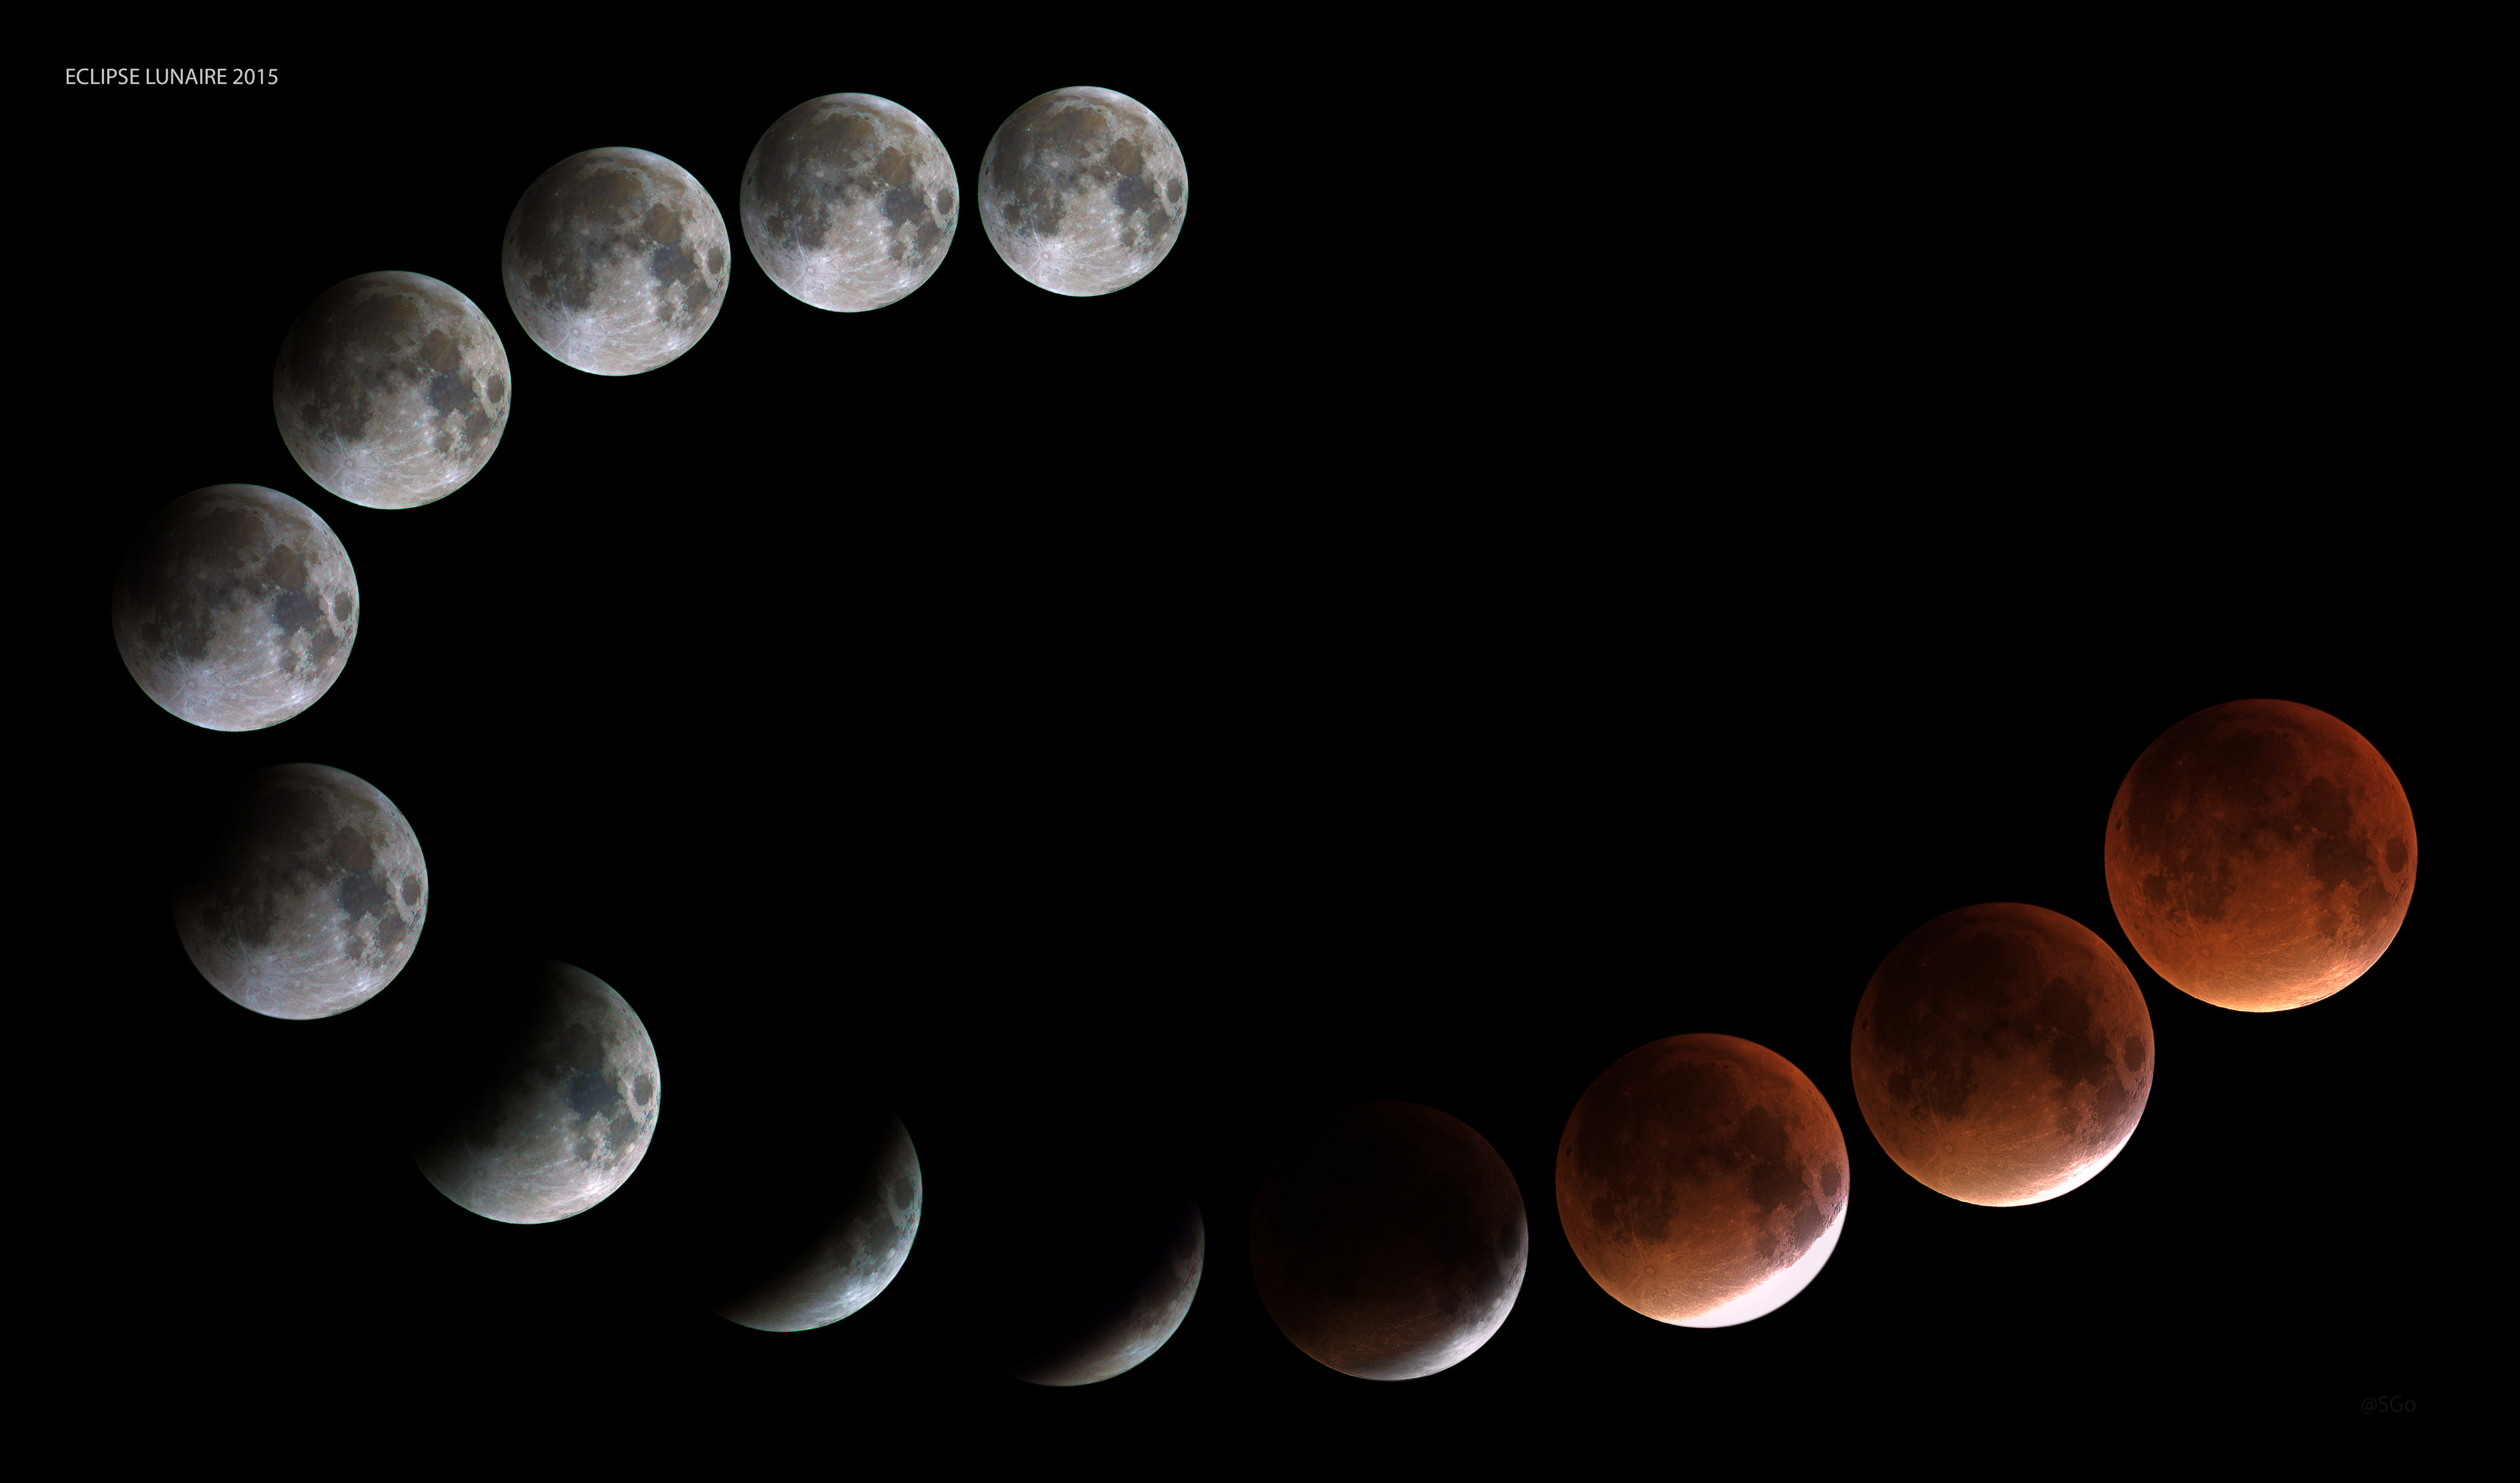 eclipse2015chapeletv3.jpg